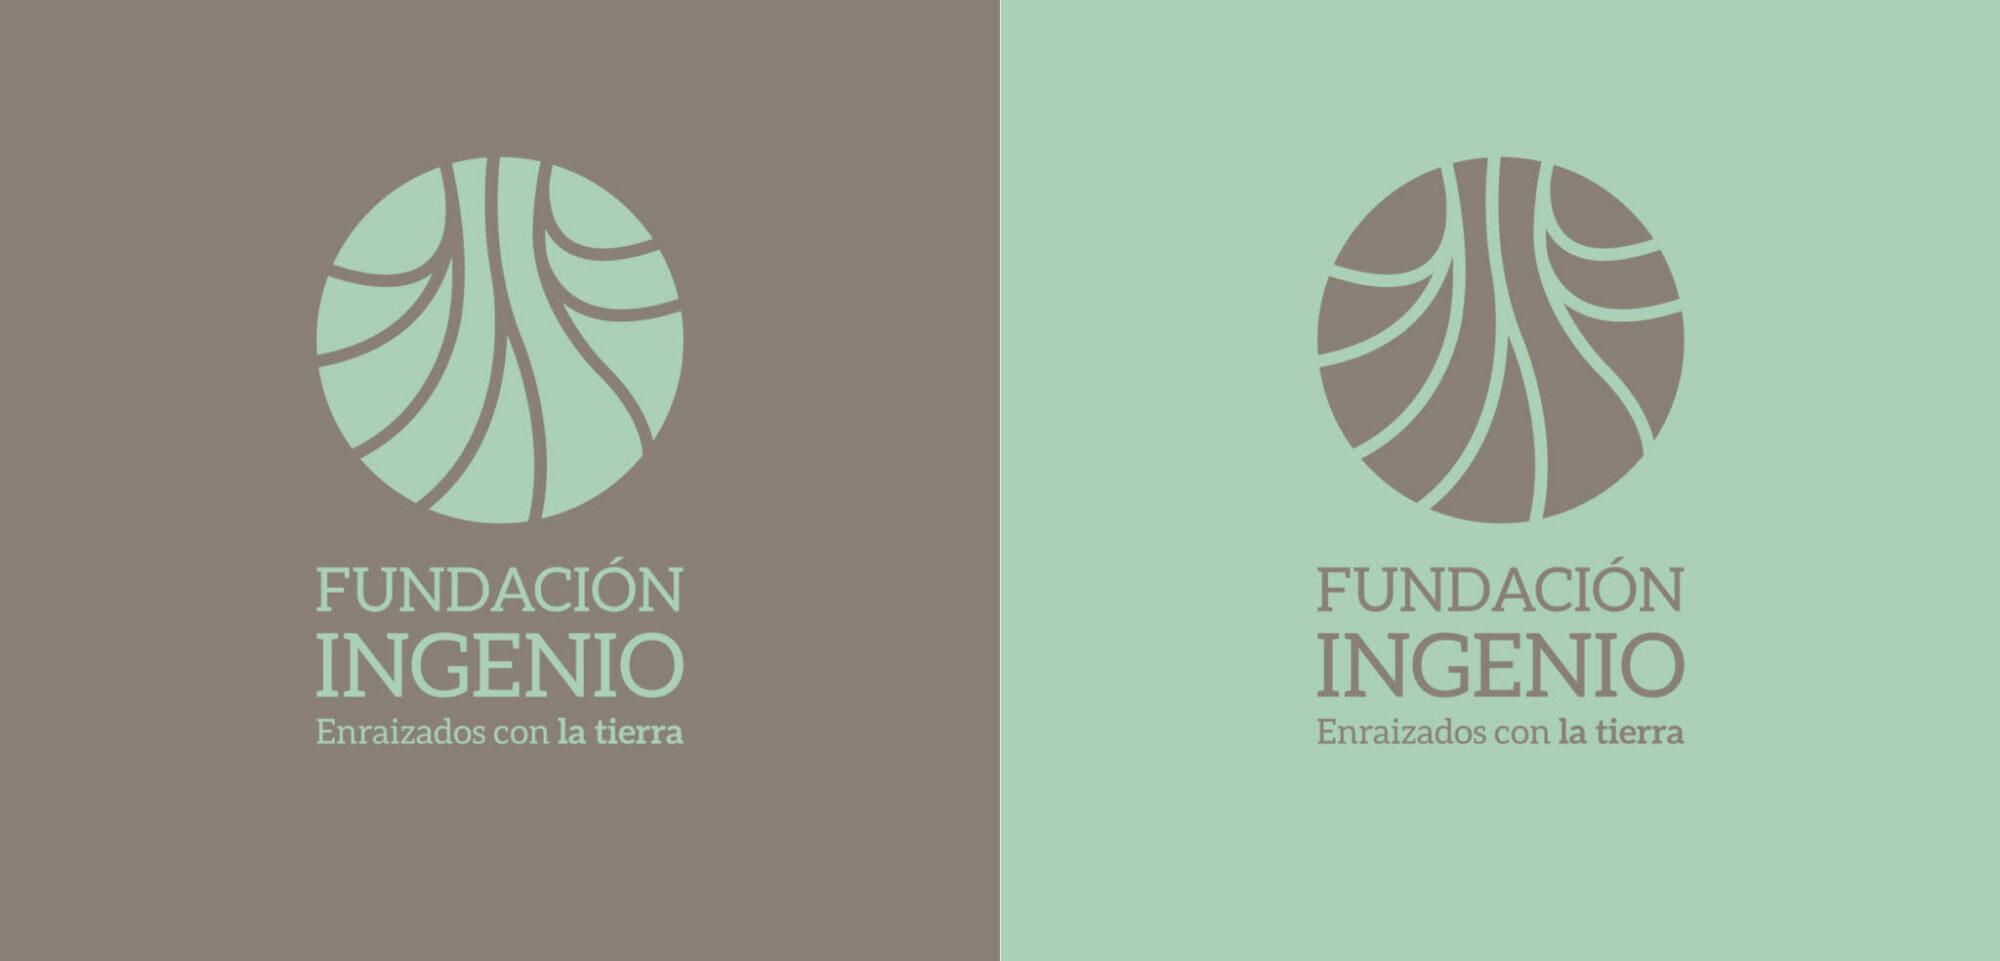 Fundación Ingenio